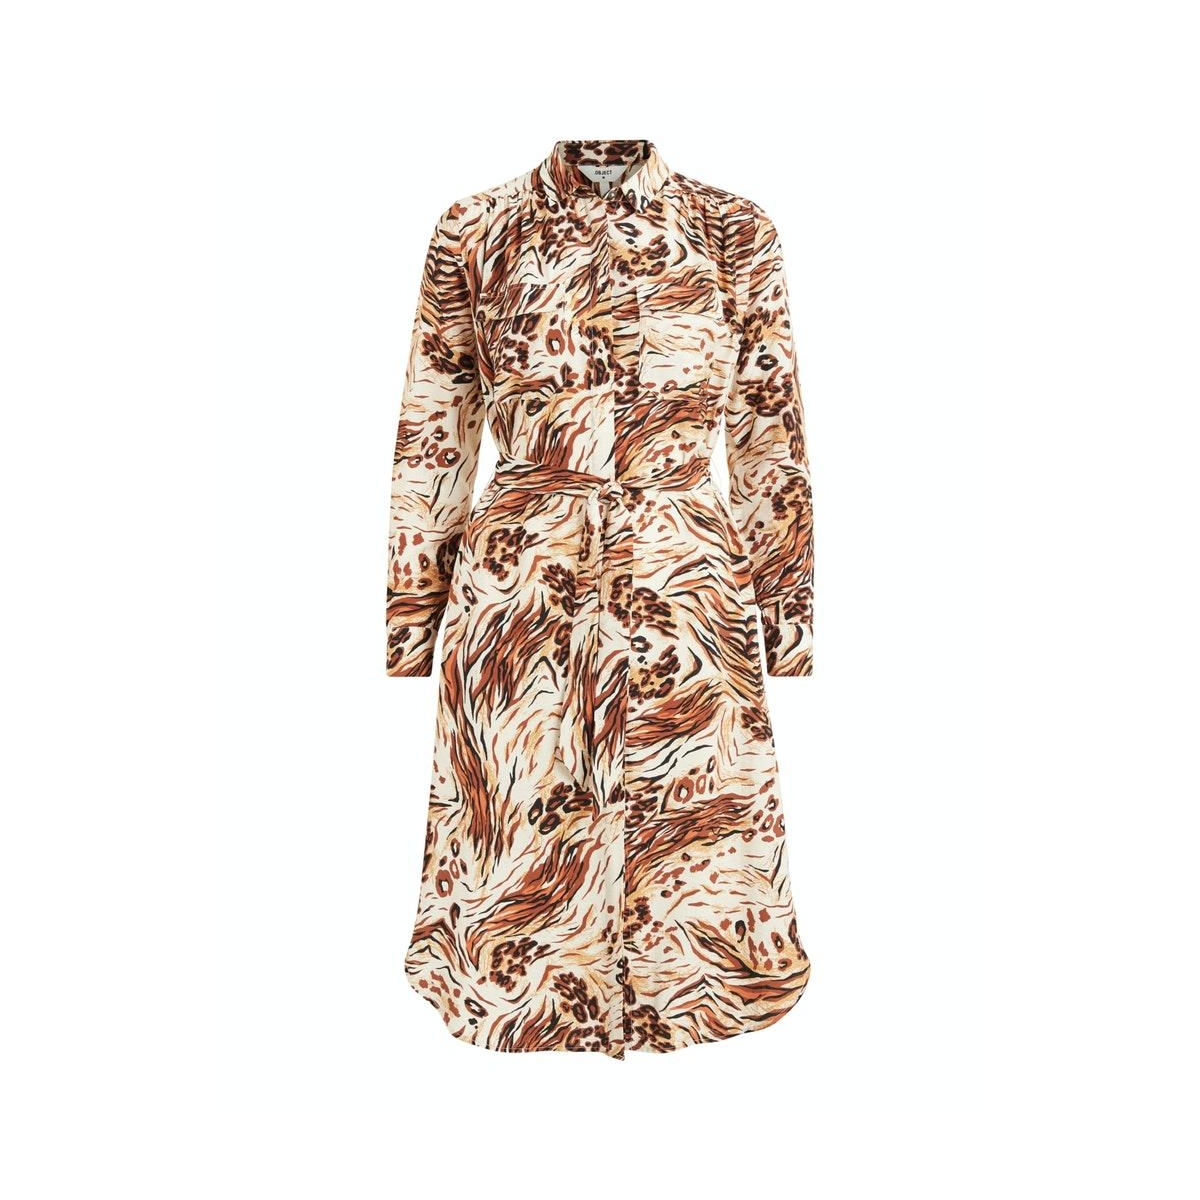 objemerson l/s shirt dress  110 23033580 object jurk sandshell/vild